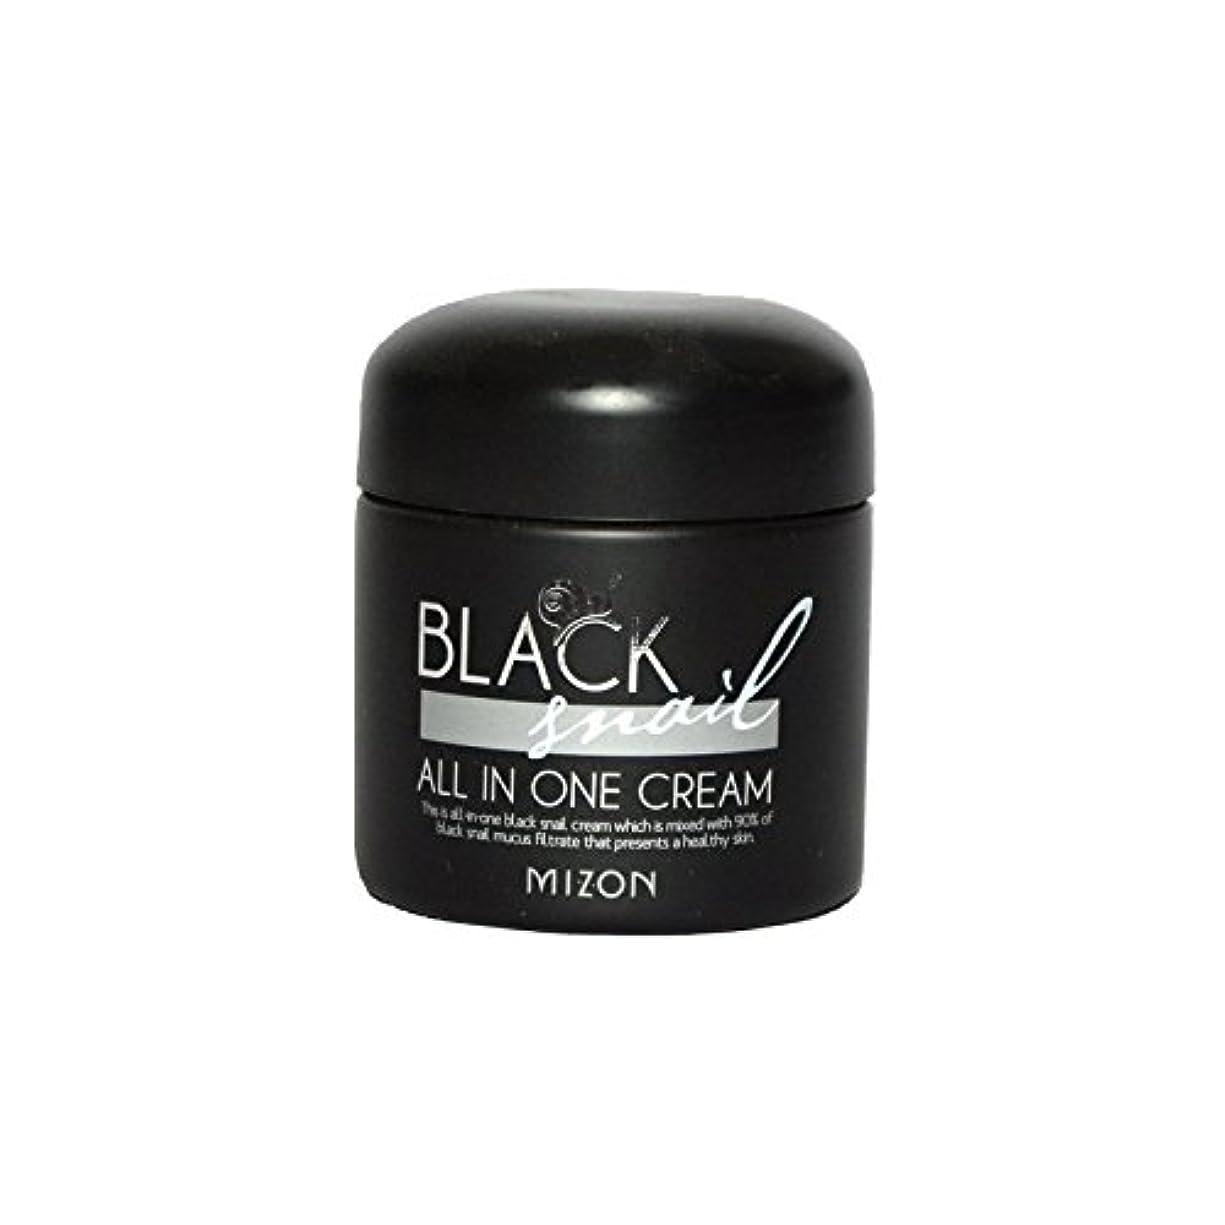 ずらす本能化学者黒カタツムリオールインワンクリーム x2 - Mizon Black Snail All in One Cream (Pack of 2) [並行輸入品]